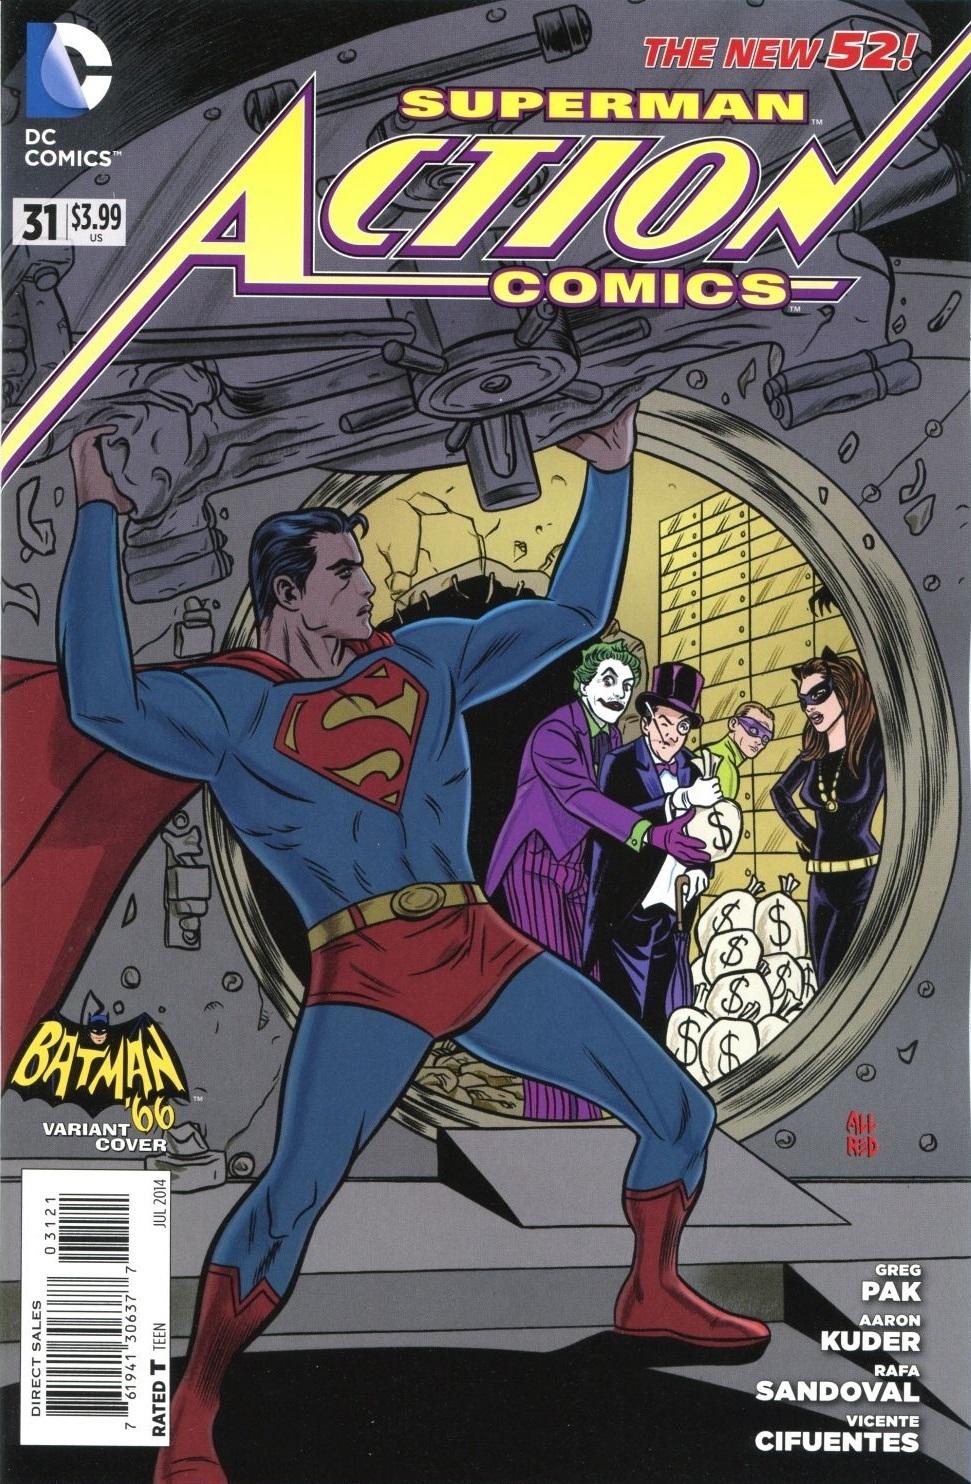 Action Comics Vol 2 31 Batman '66 Variant.jpg